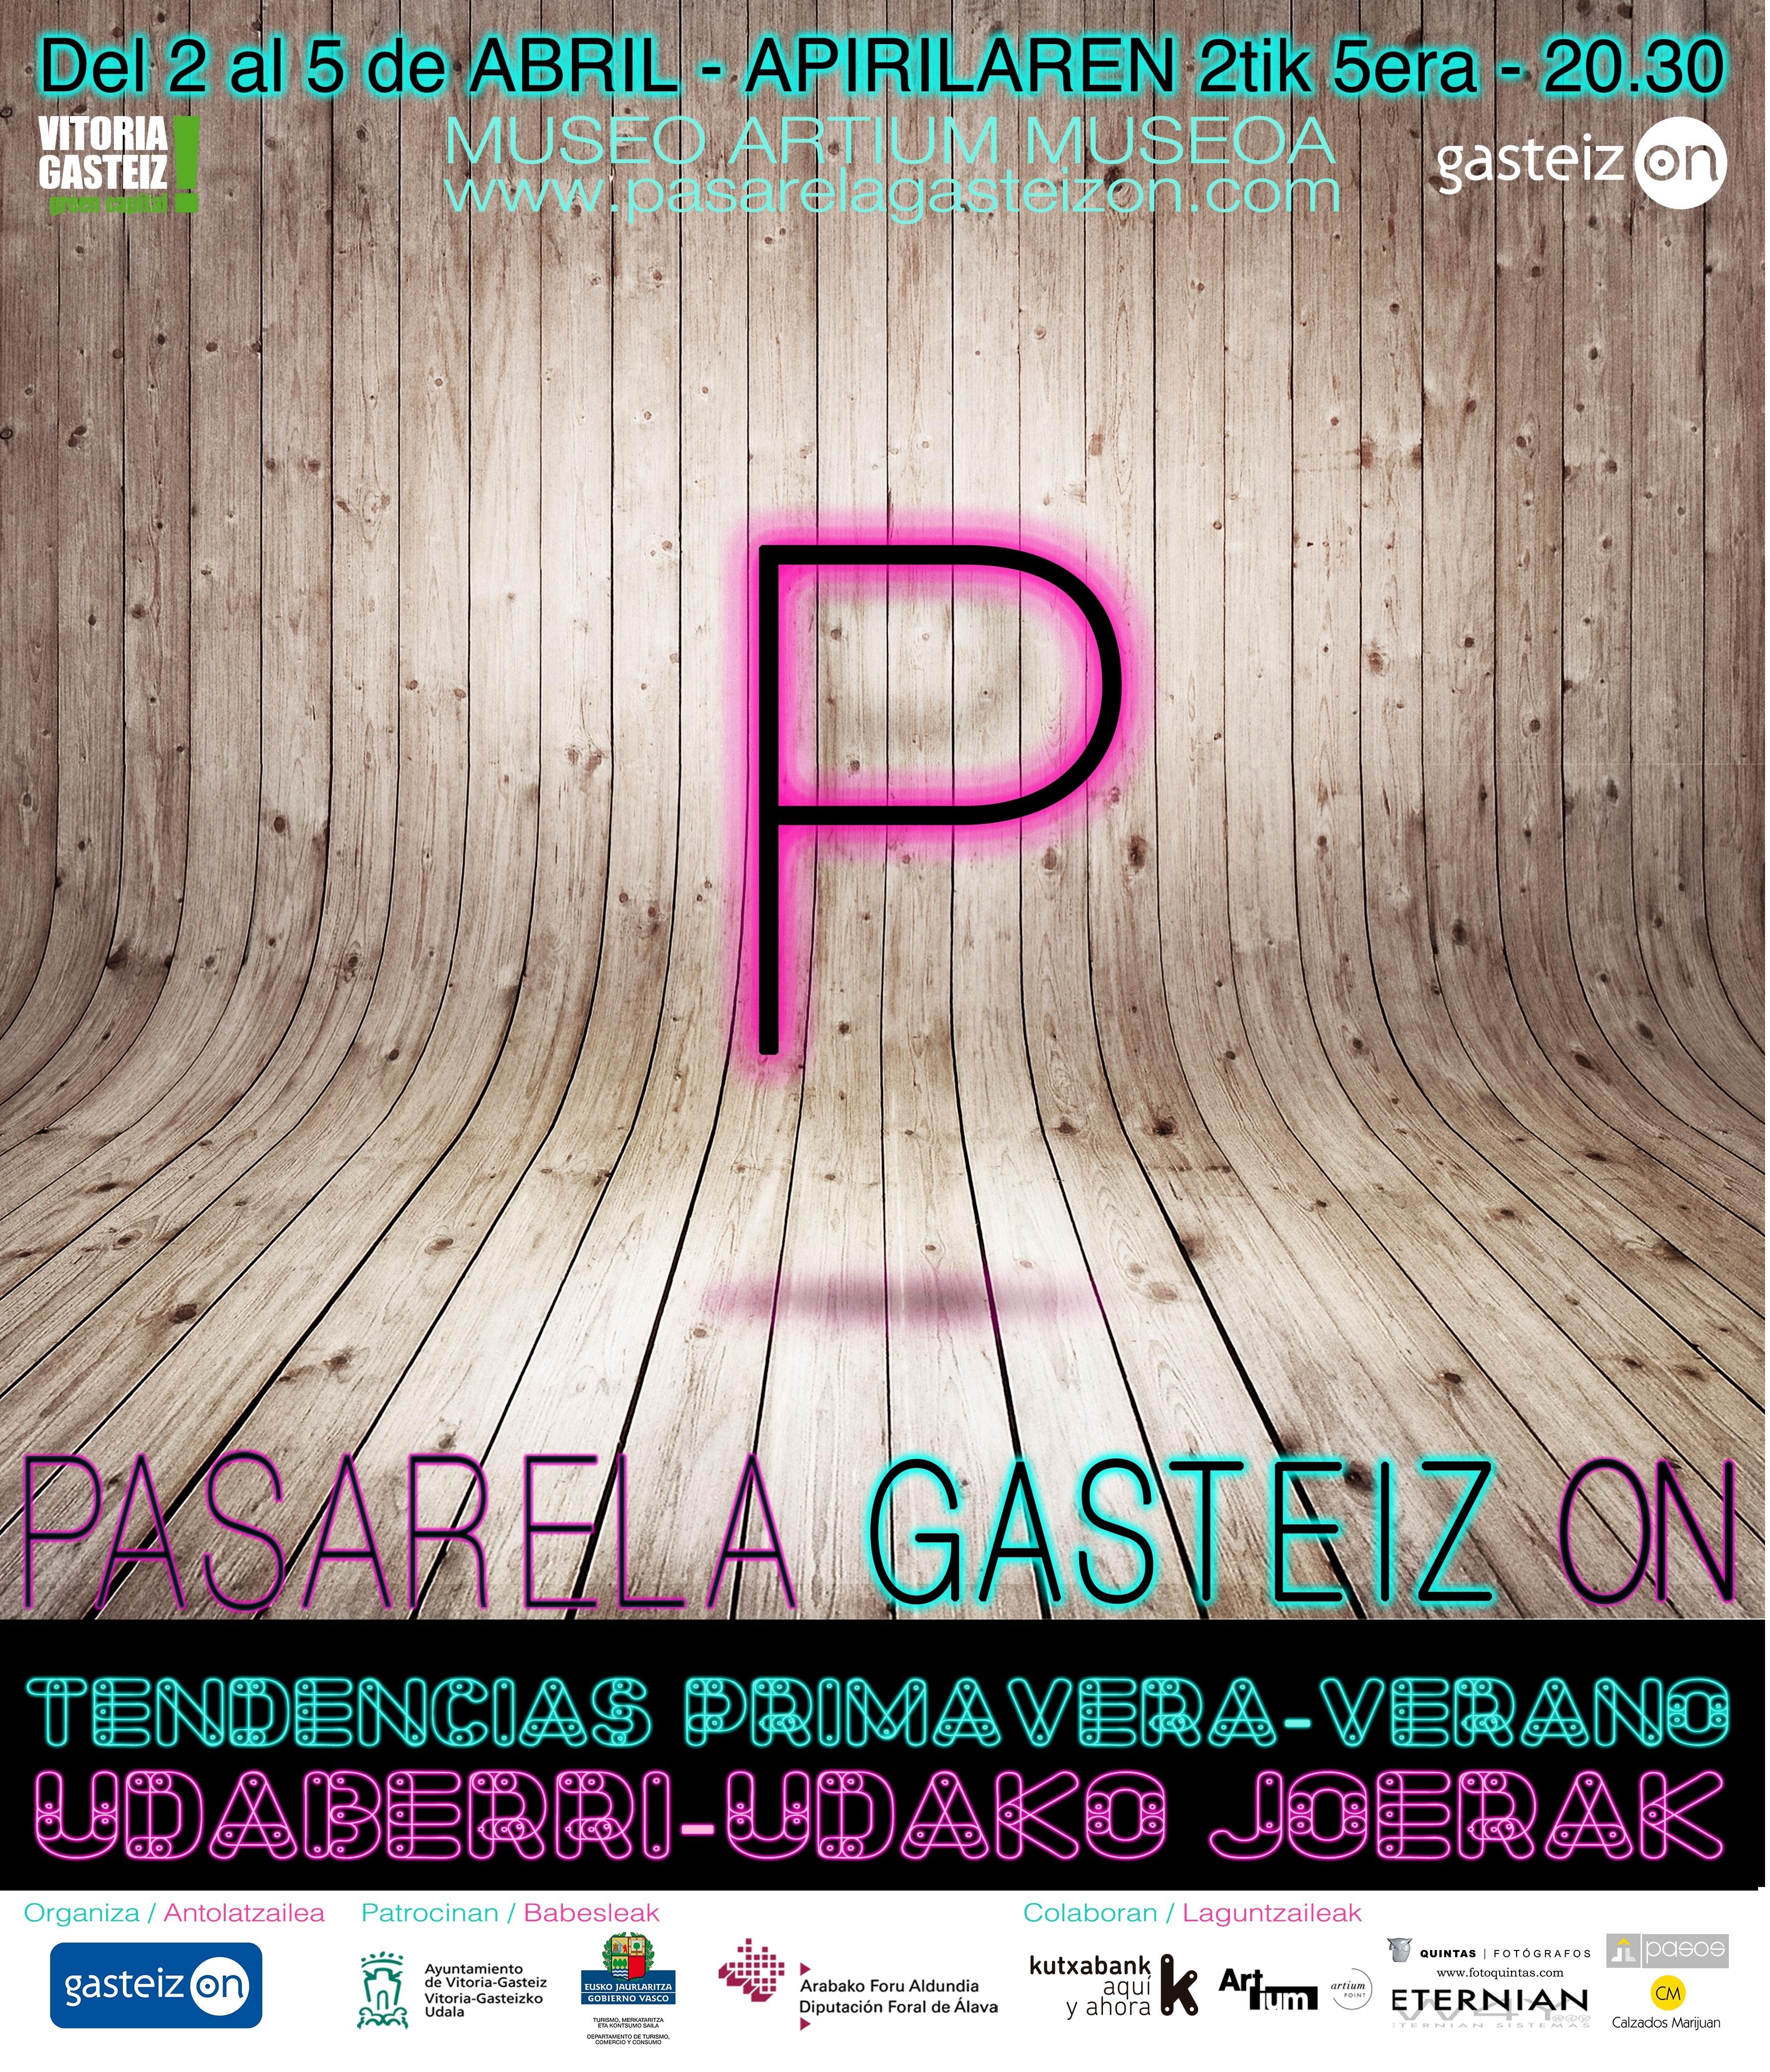 La Pasarela Gasteiz On acogerá del 2 al 5 de abril la XXXV edición de la Semana de la Moda de Vitoria-Gasteiz